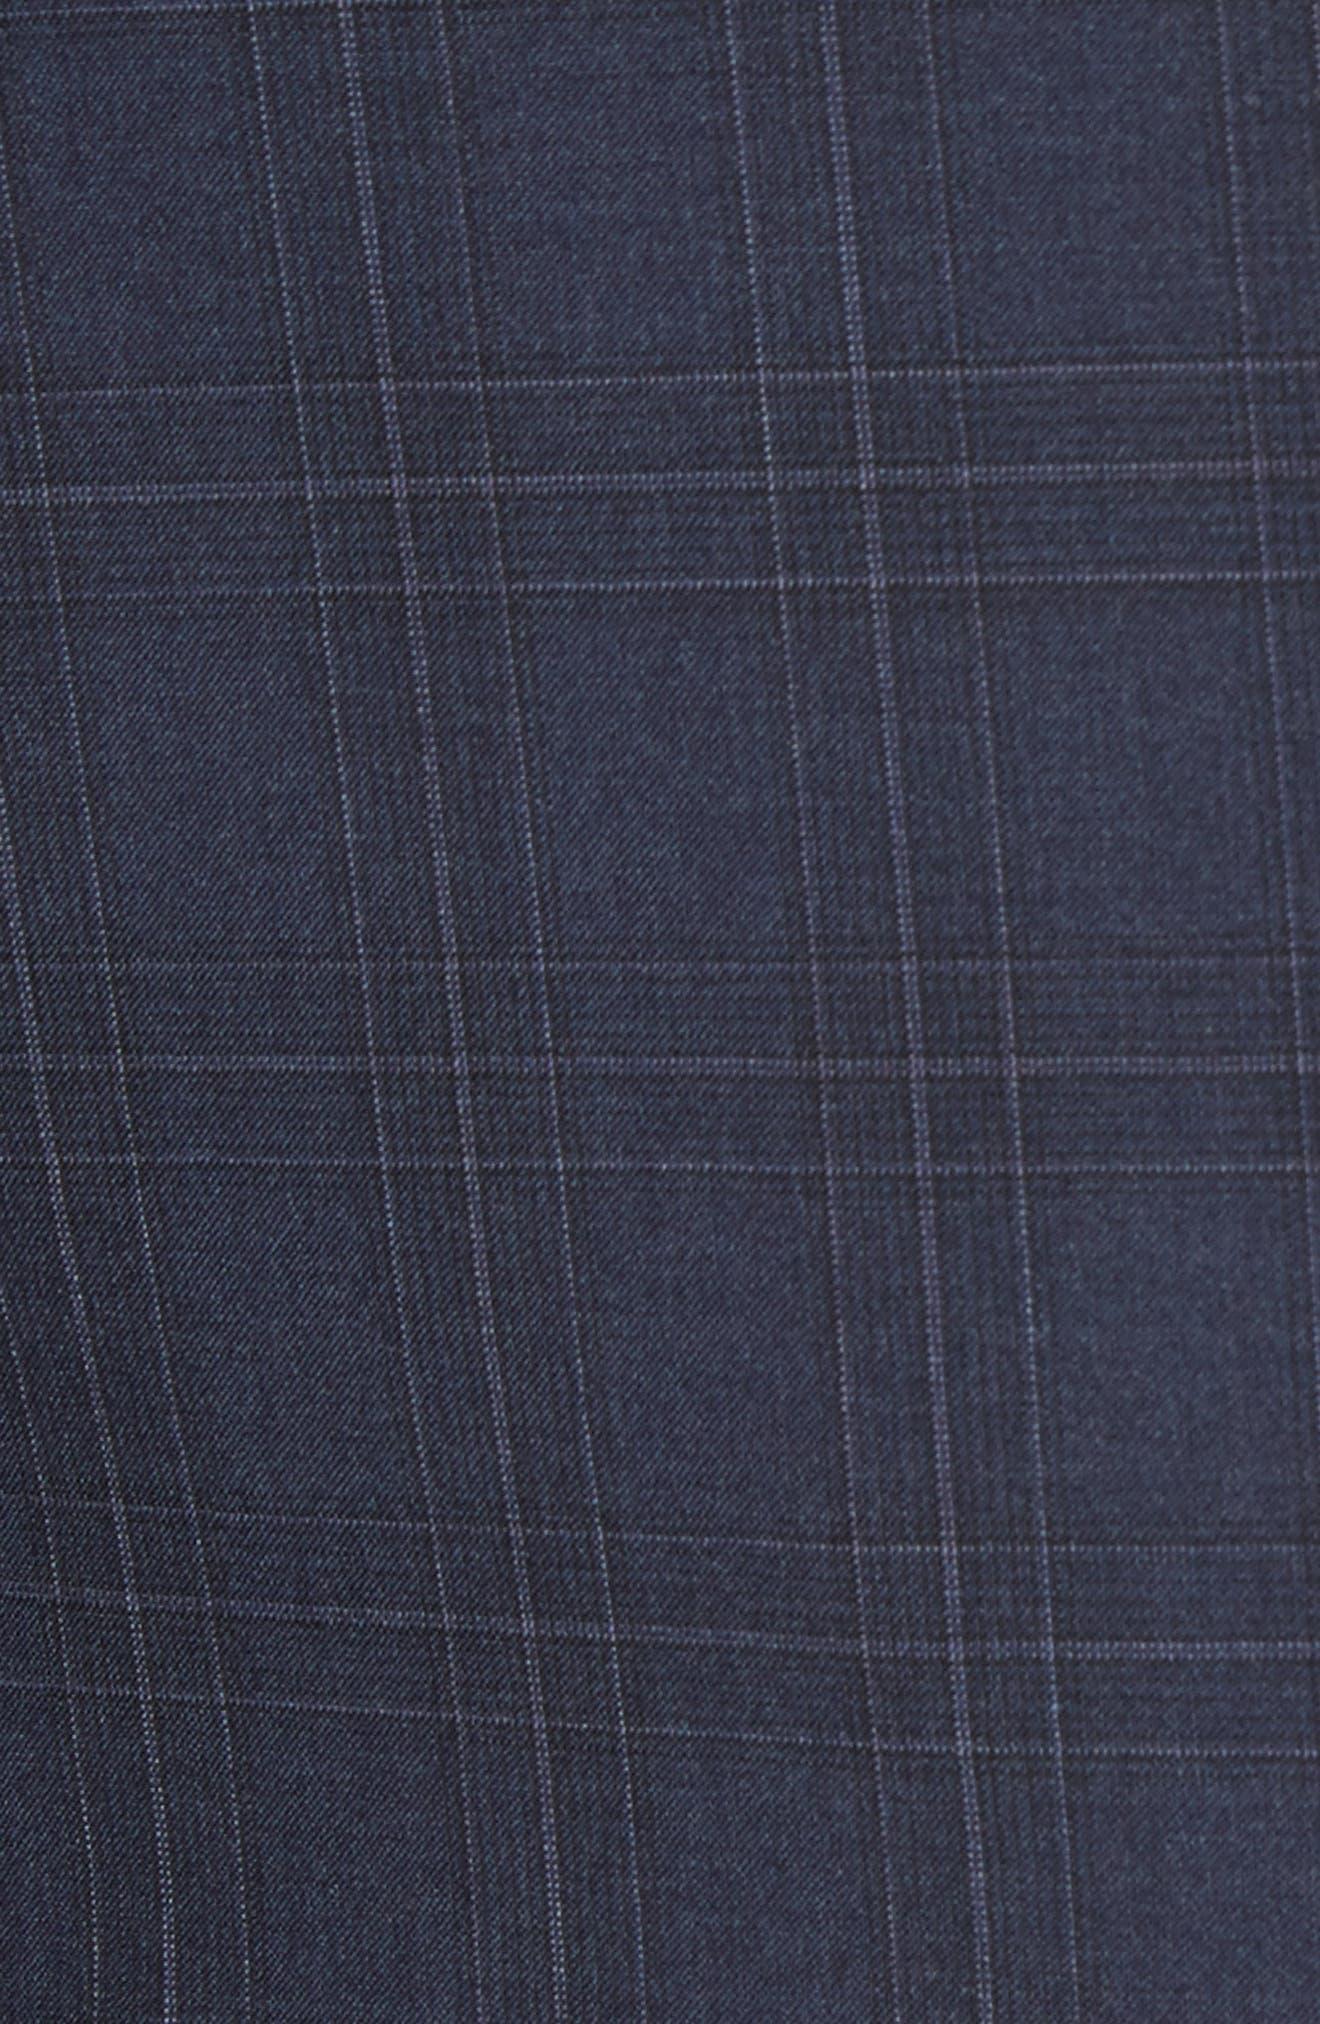 G Line Trim Fit Plaid Wool Suit,                             Alternate thumbnail 7, color,                             Navy